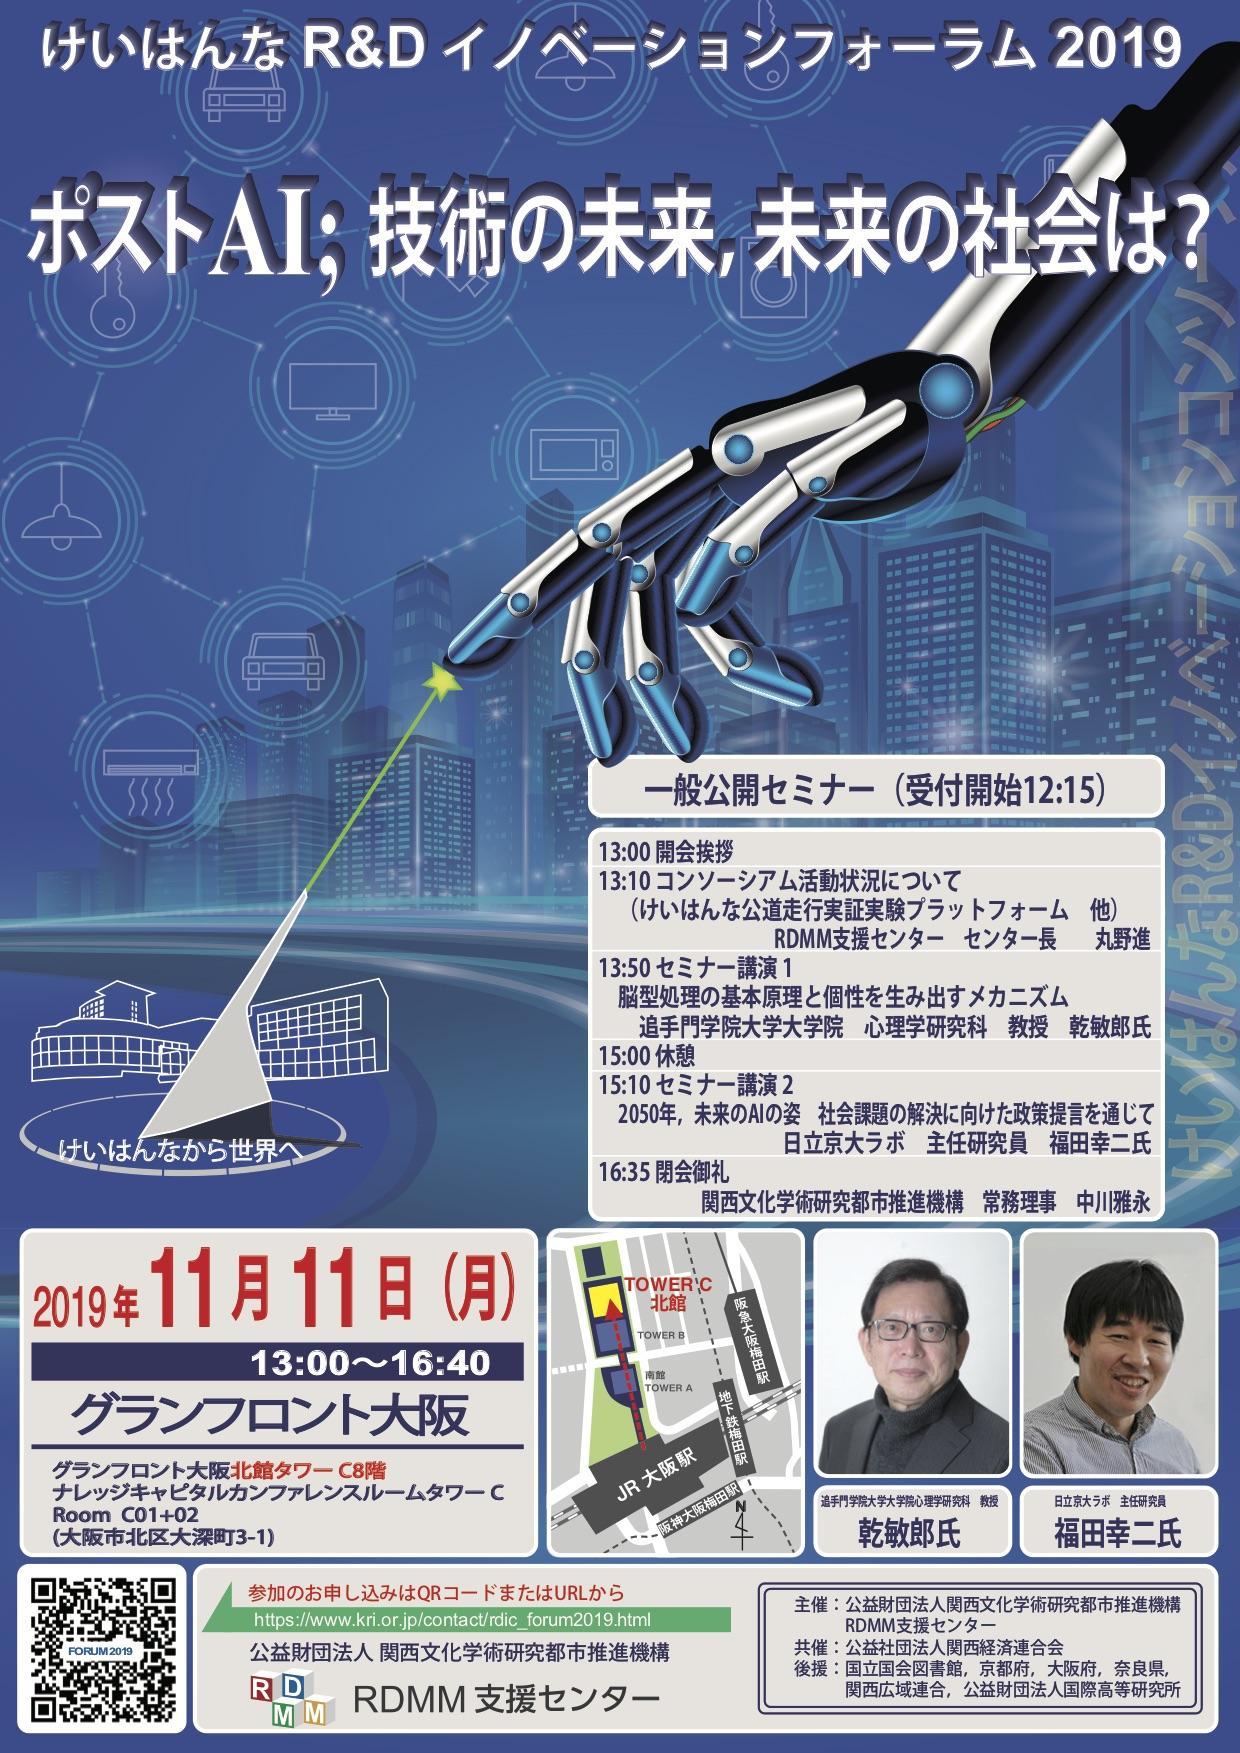 「けいはんなR&Dイノベーションフォーラム2019」の開催について